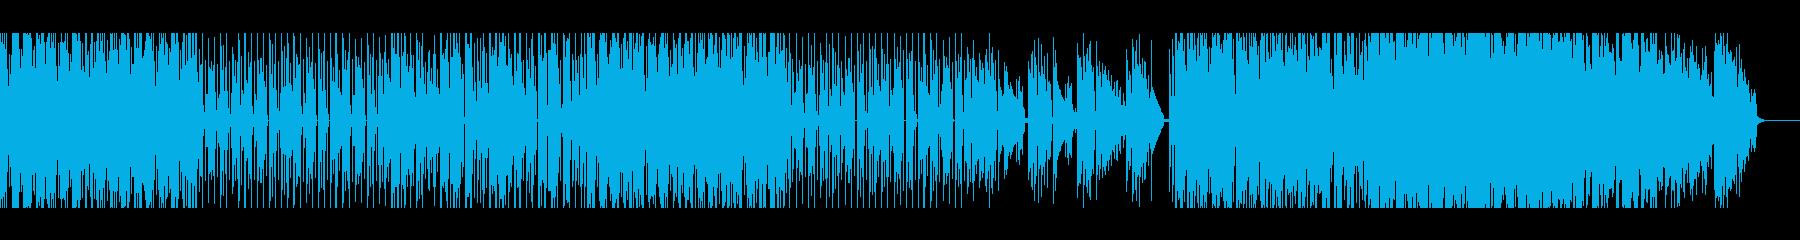 【メロディー無し】スペーシーファンクの再生済みの波形